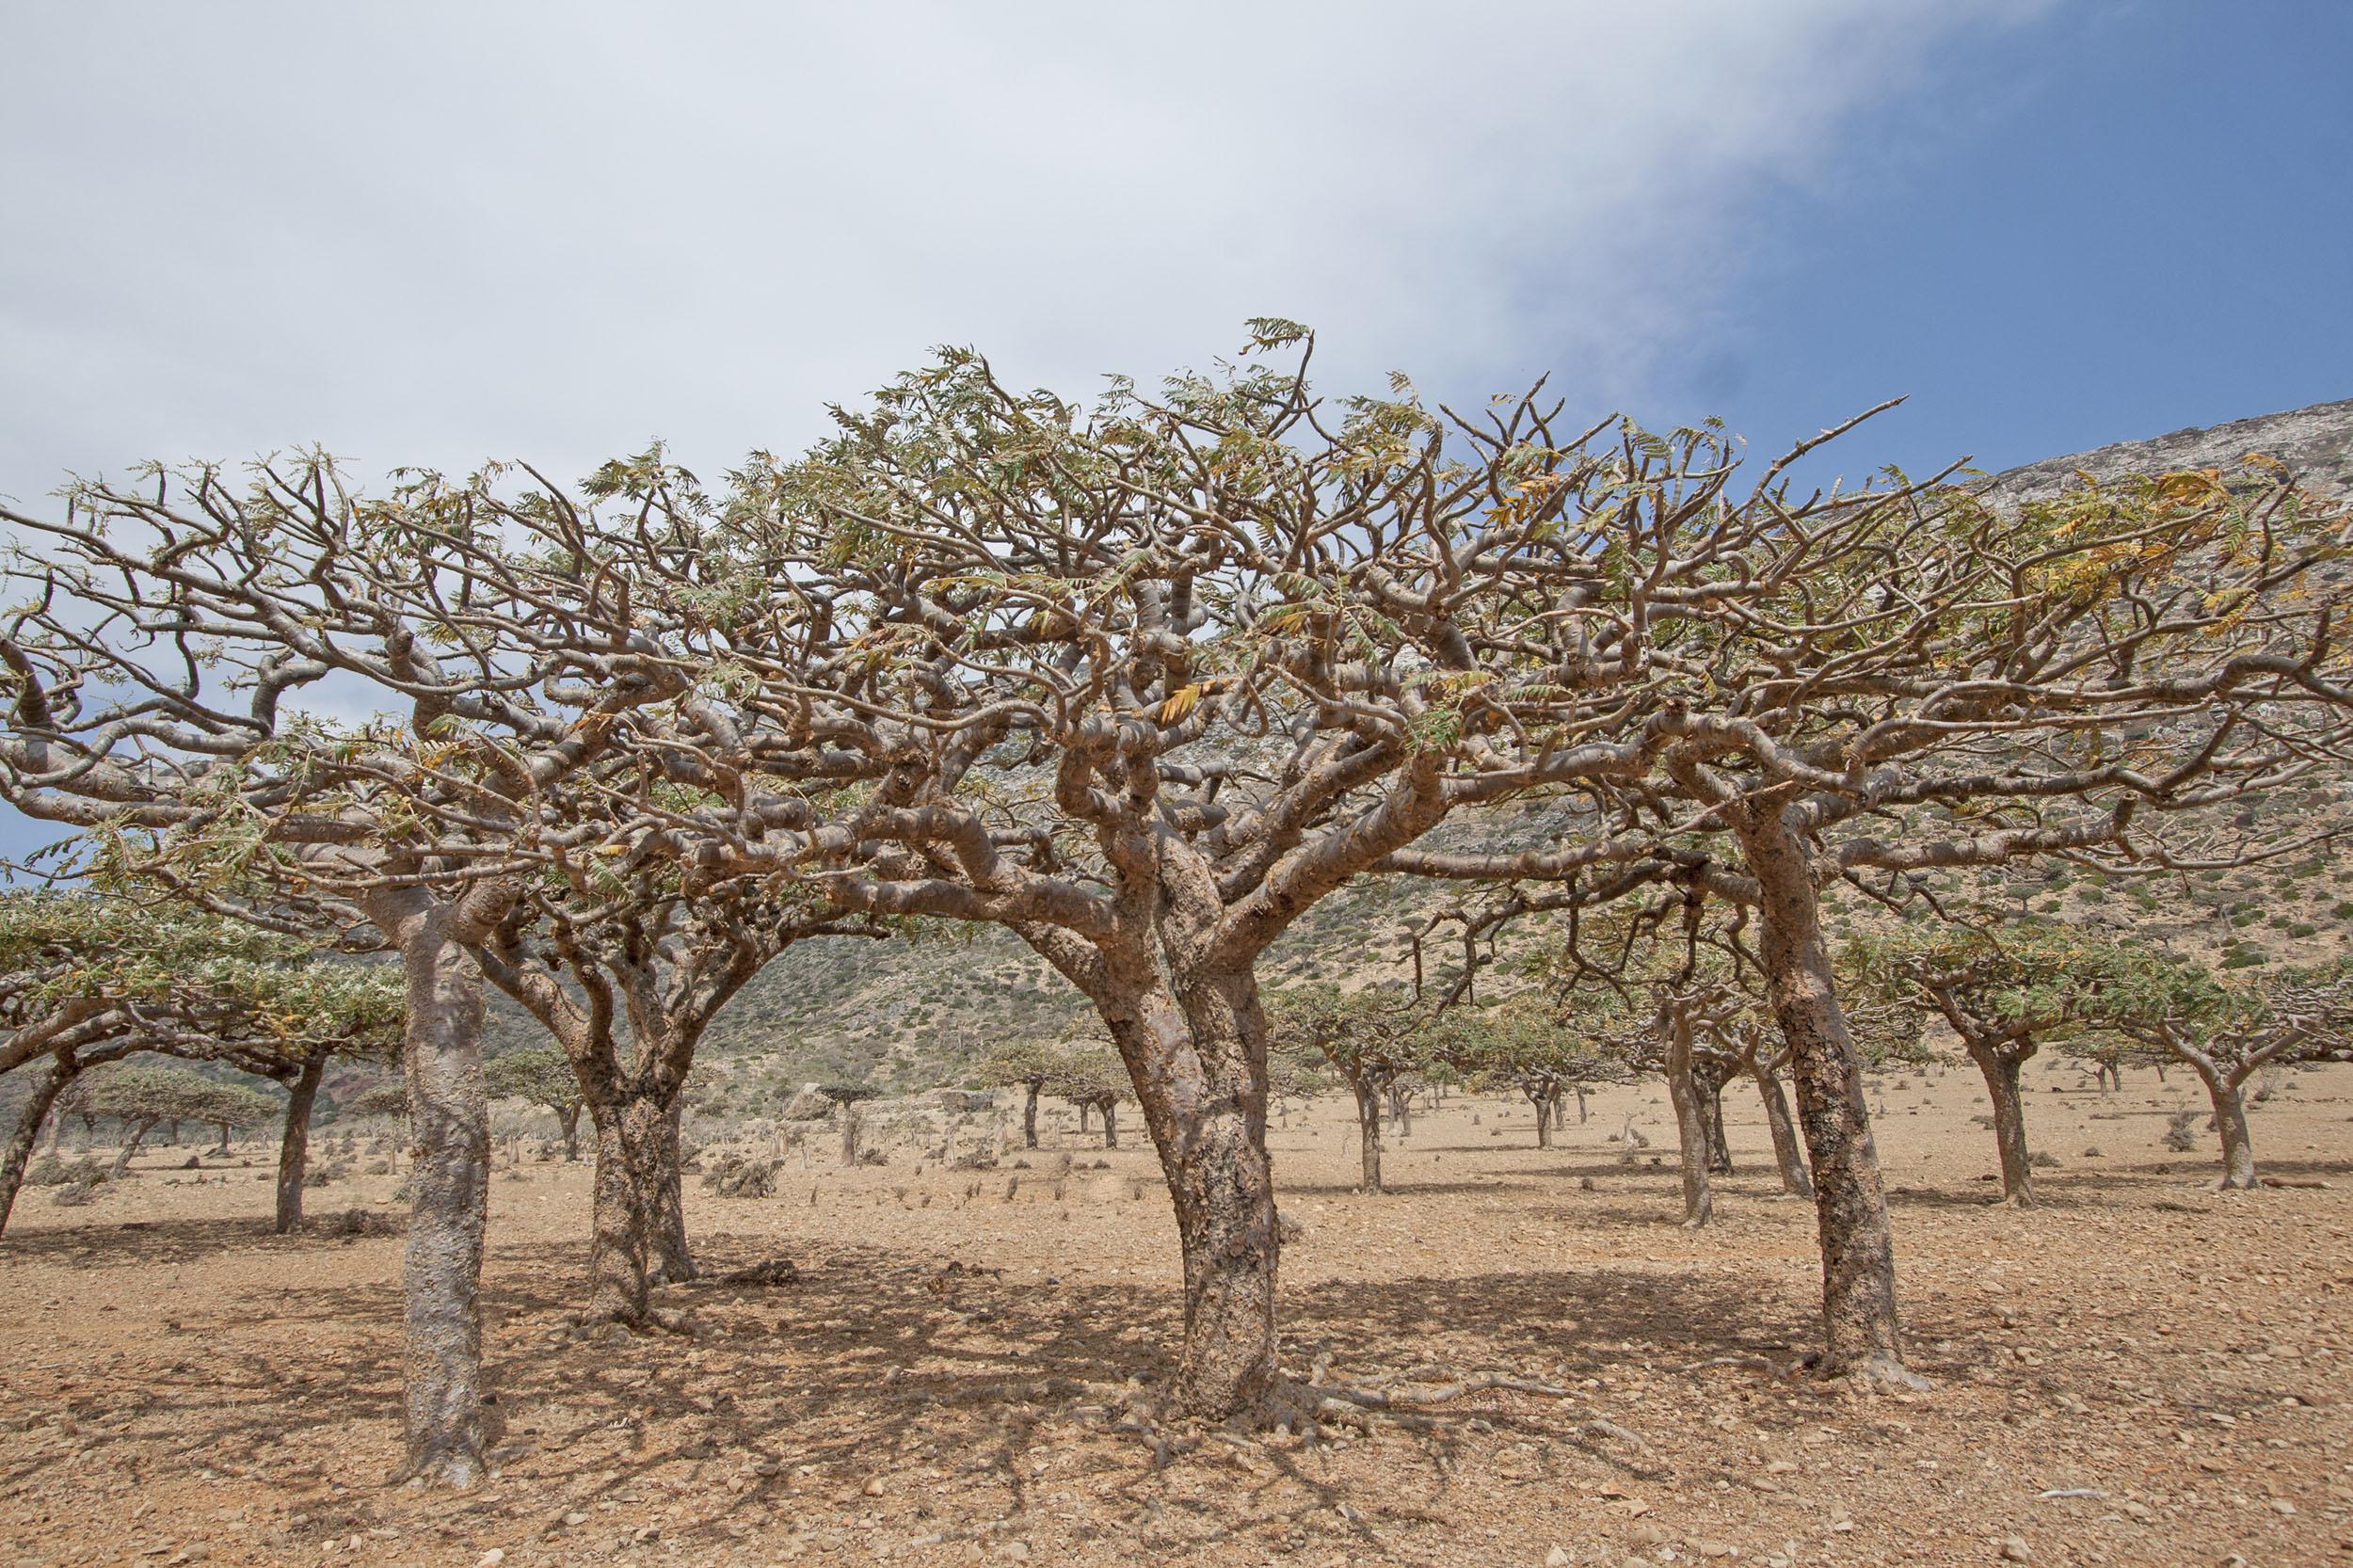 Frankincense trees in somalia